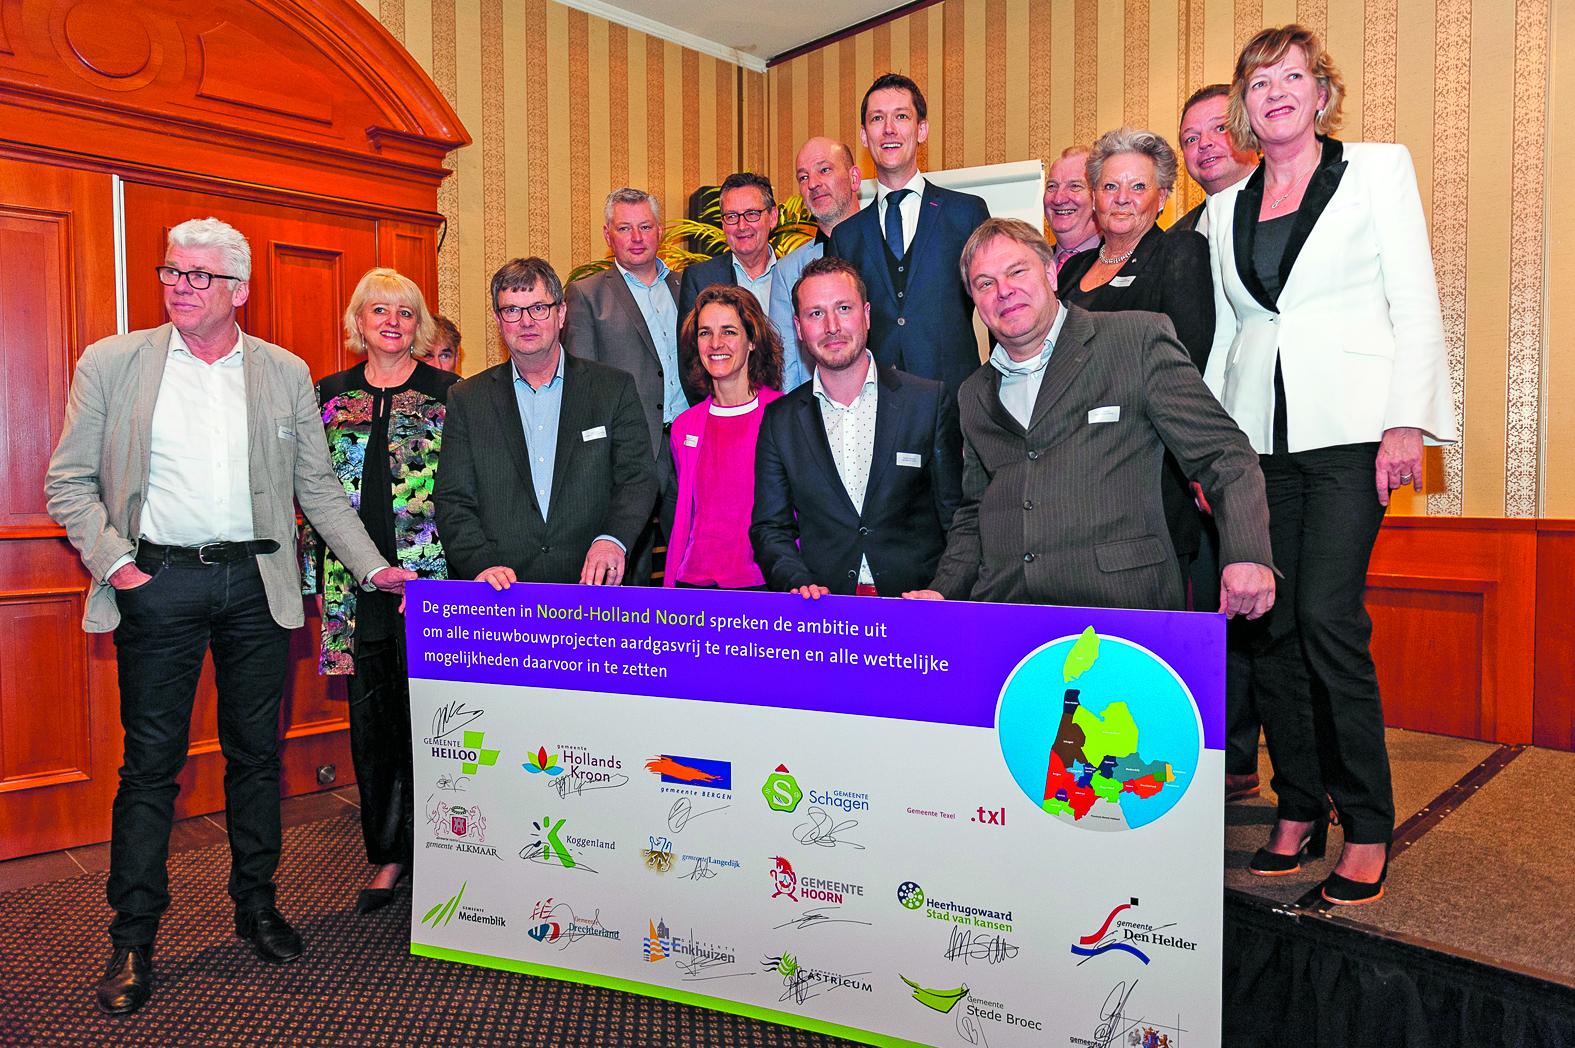 De gemeenten in Noord-Holland Noord hebben met elkaar afgesproken dat ze zoveel mogelijk nieuwbouwprojecten al aardgasvrij willen realiseren. (Foto: Paul Apeldoorn Fotografie)